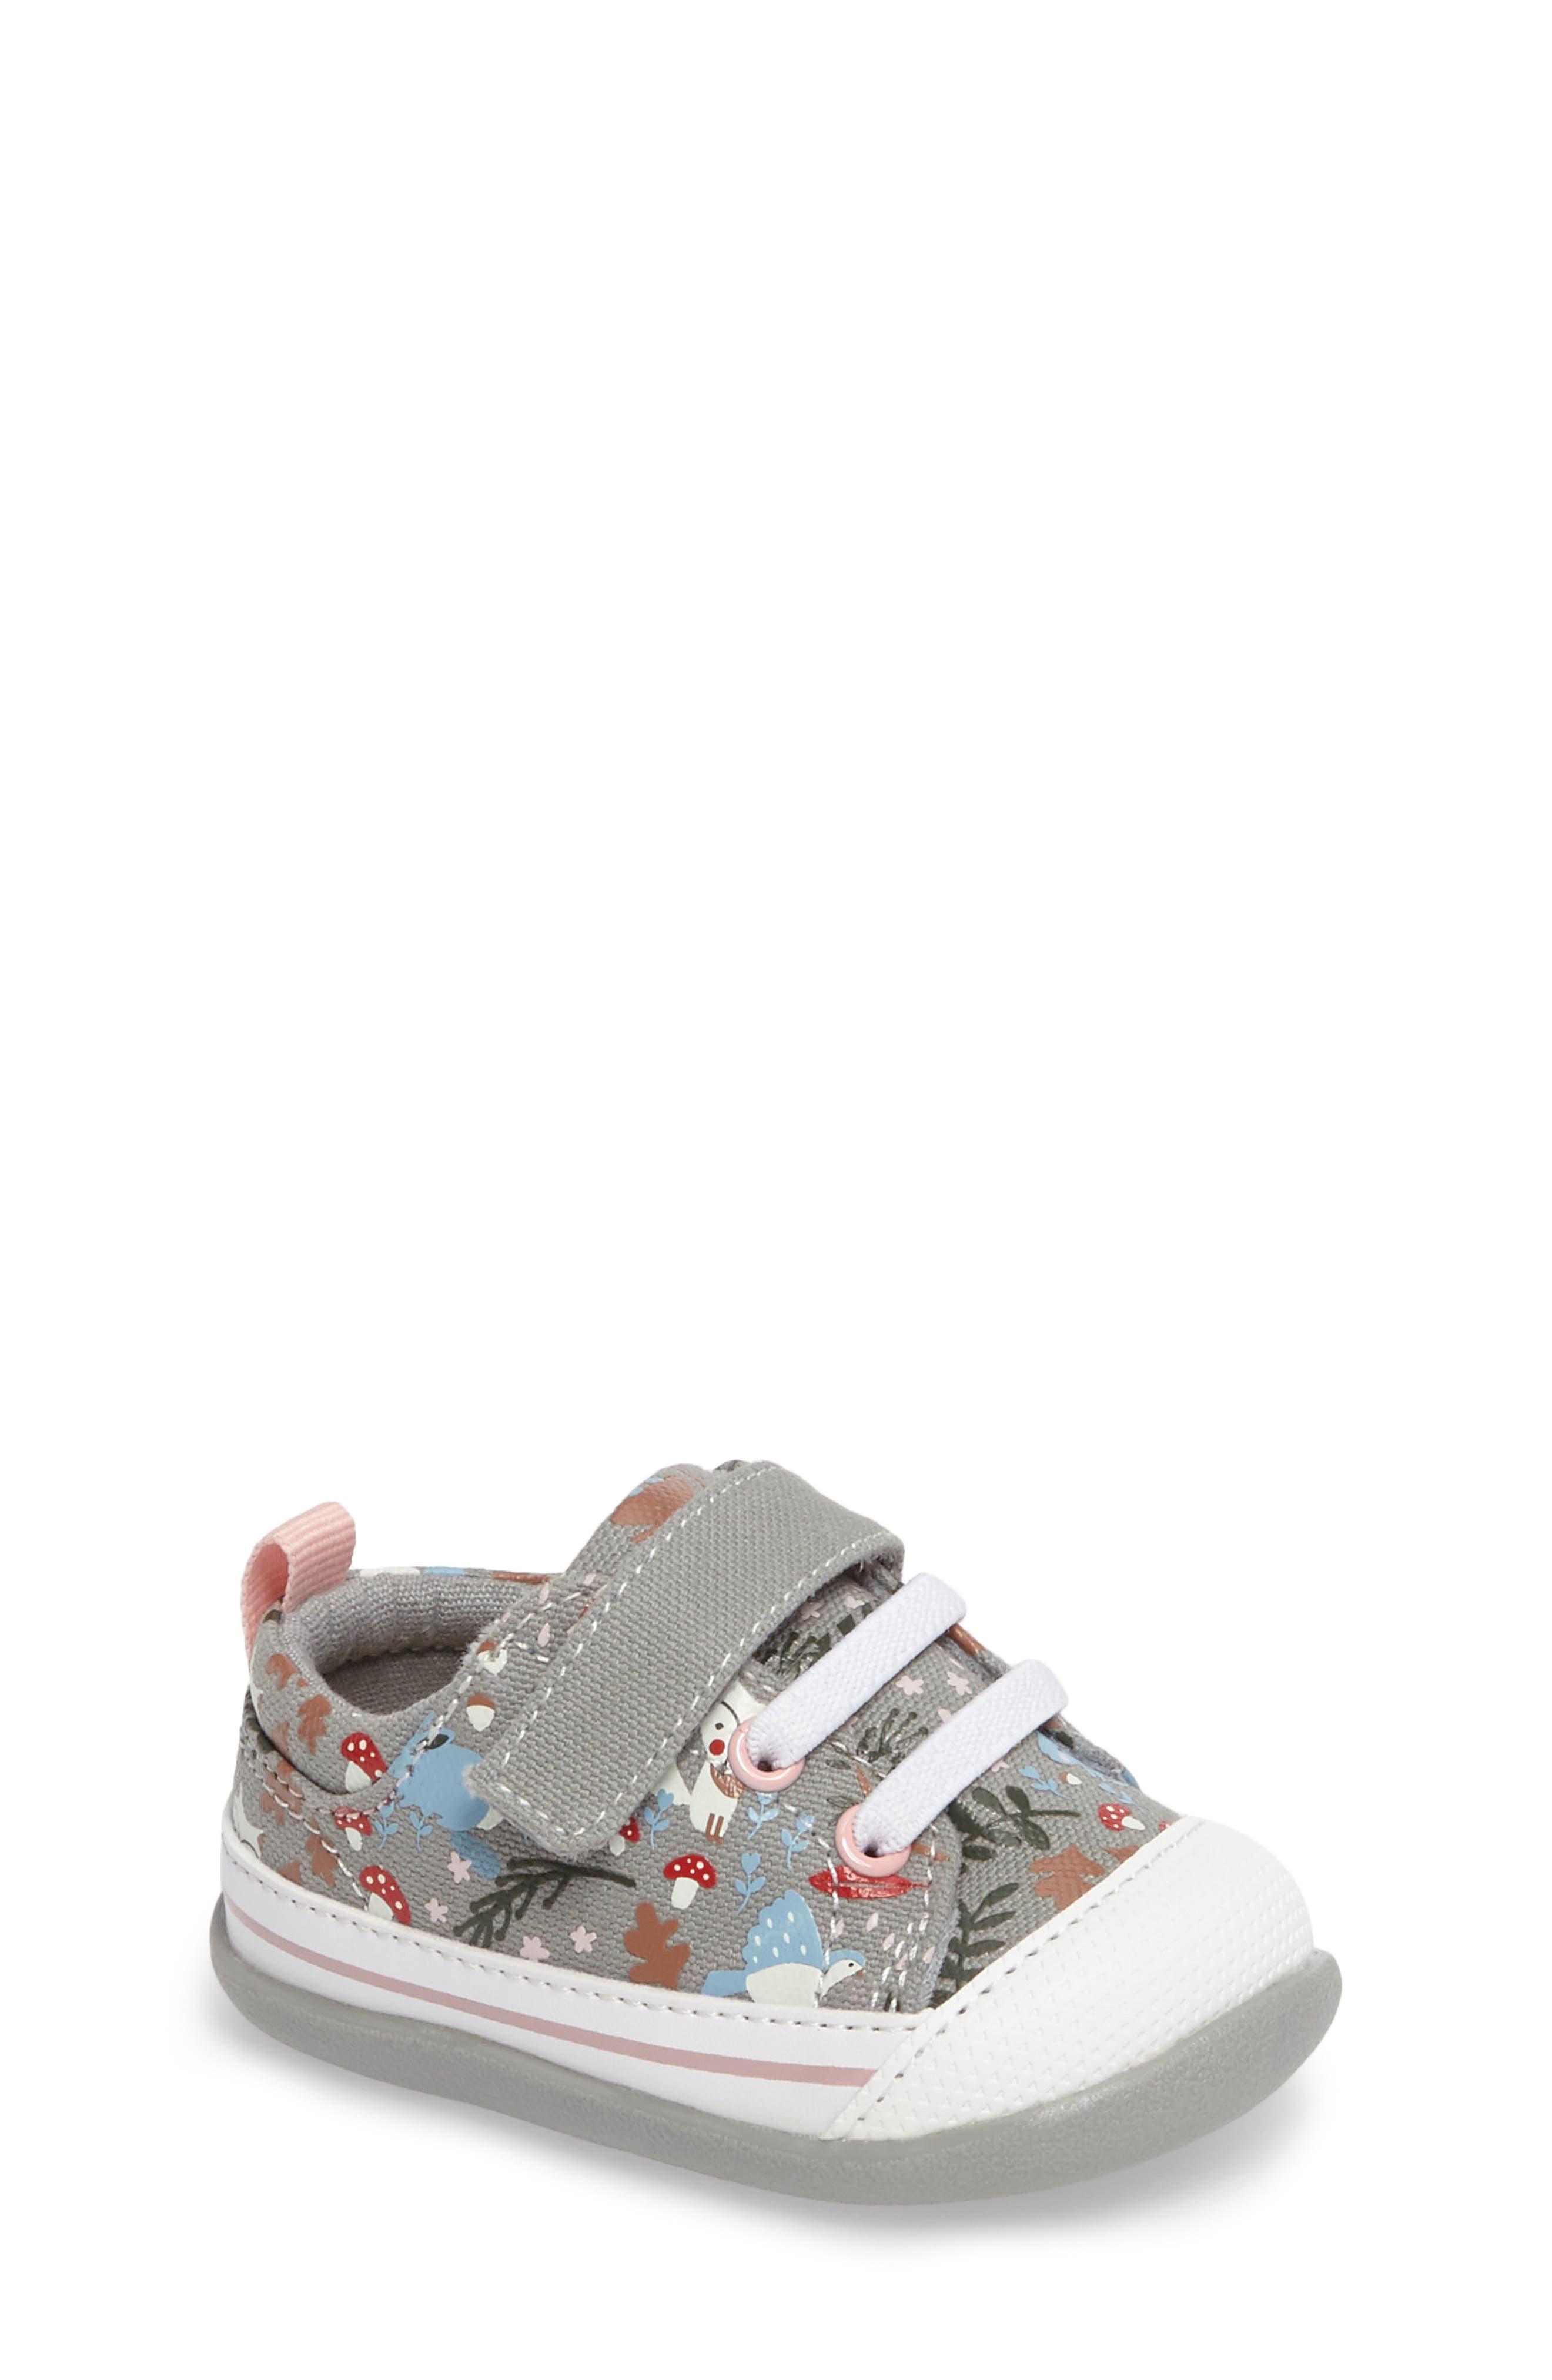 Alternate Image 1 Selected - See Kai Run Stevie II Sneaker (Baby & Walker)